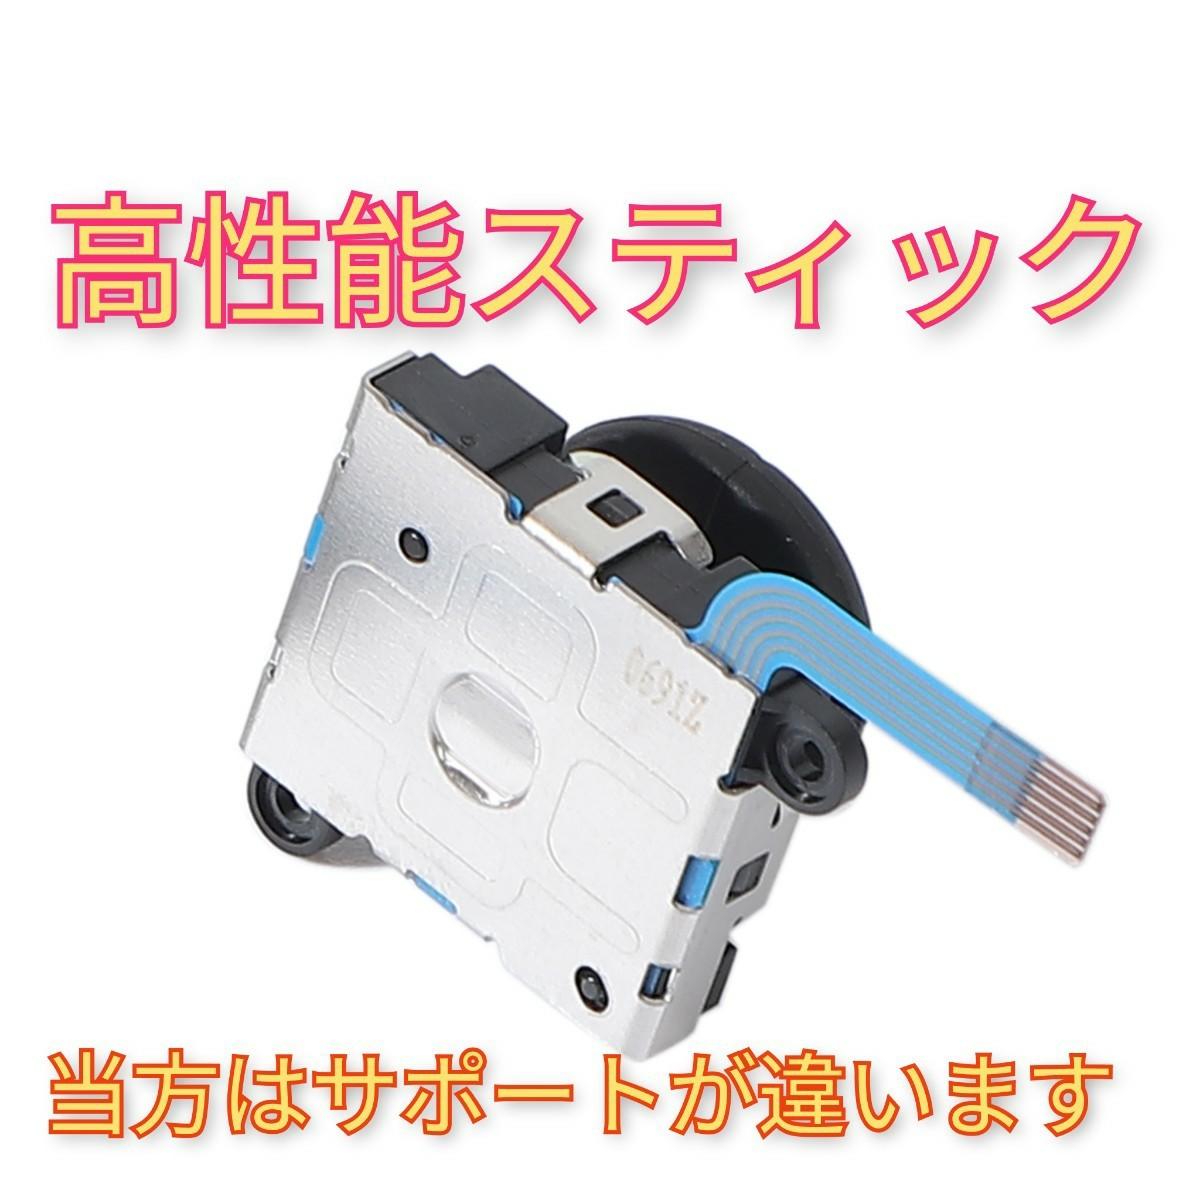 任天堂スイッチ ジョイコン修理キット 豪華スペシャルキット switchの方におすすめ 単品よりお得フレックス、スライダー付き!